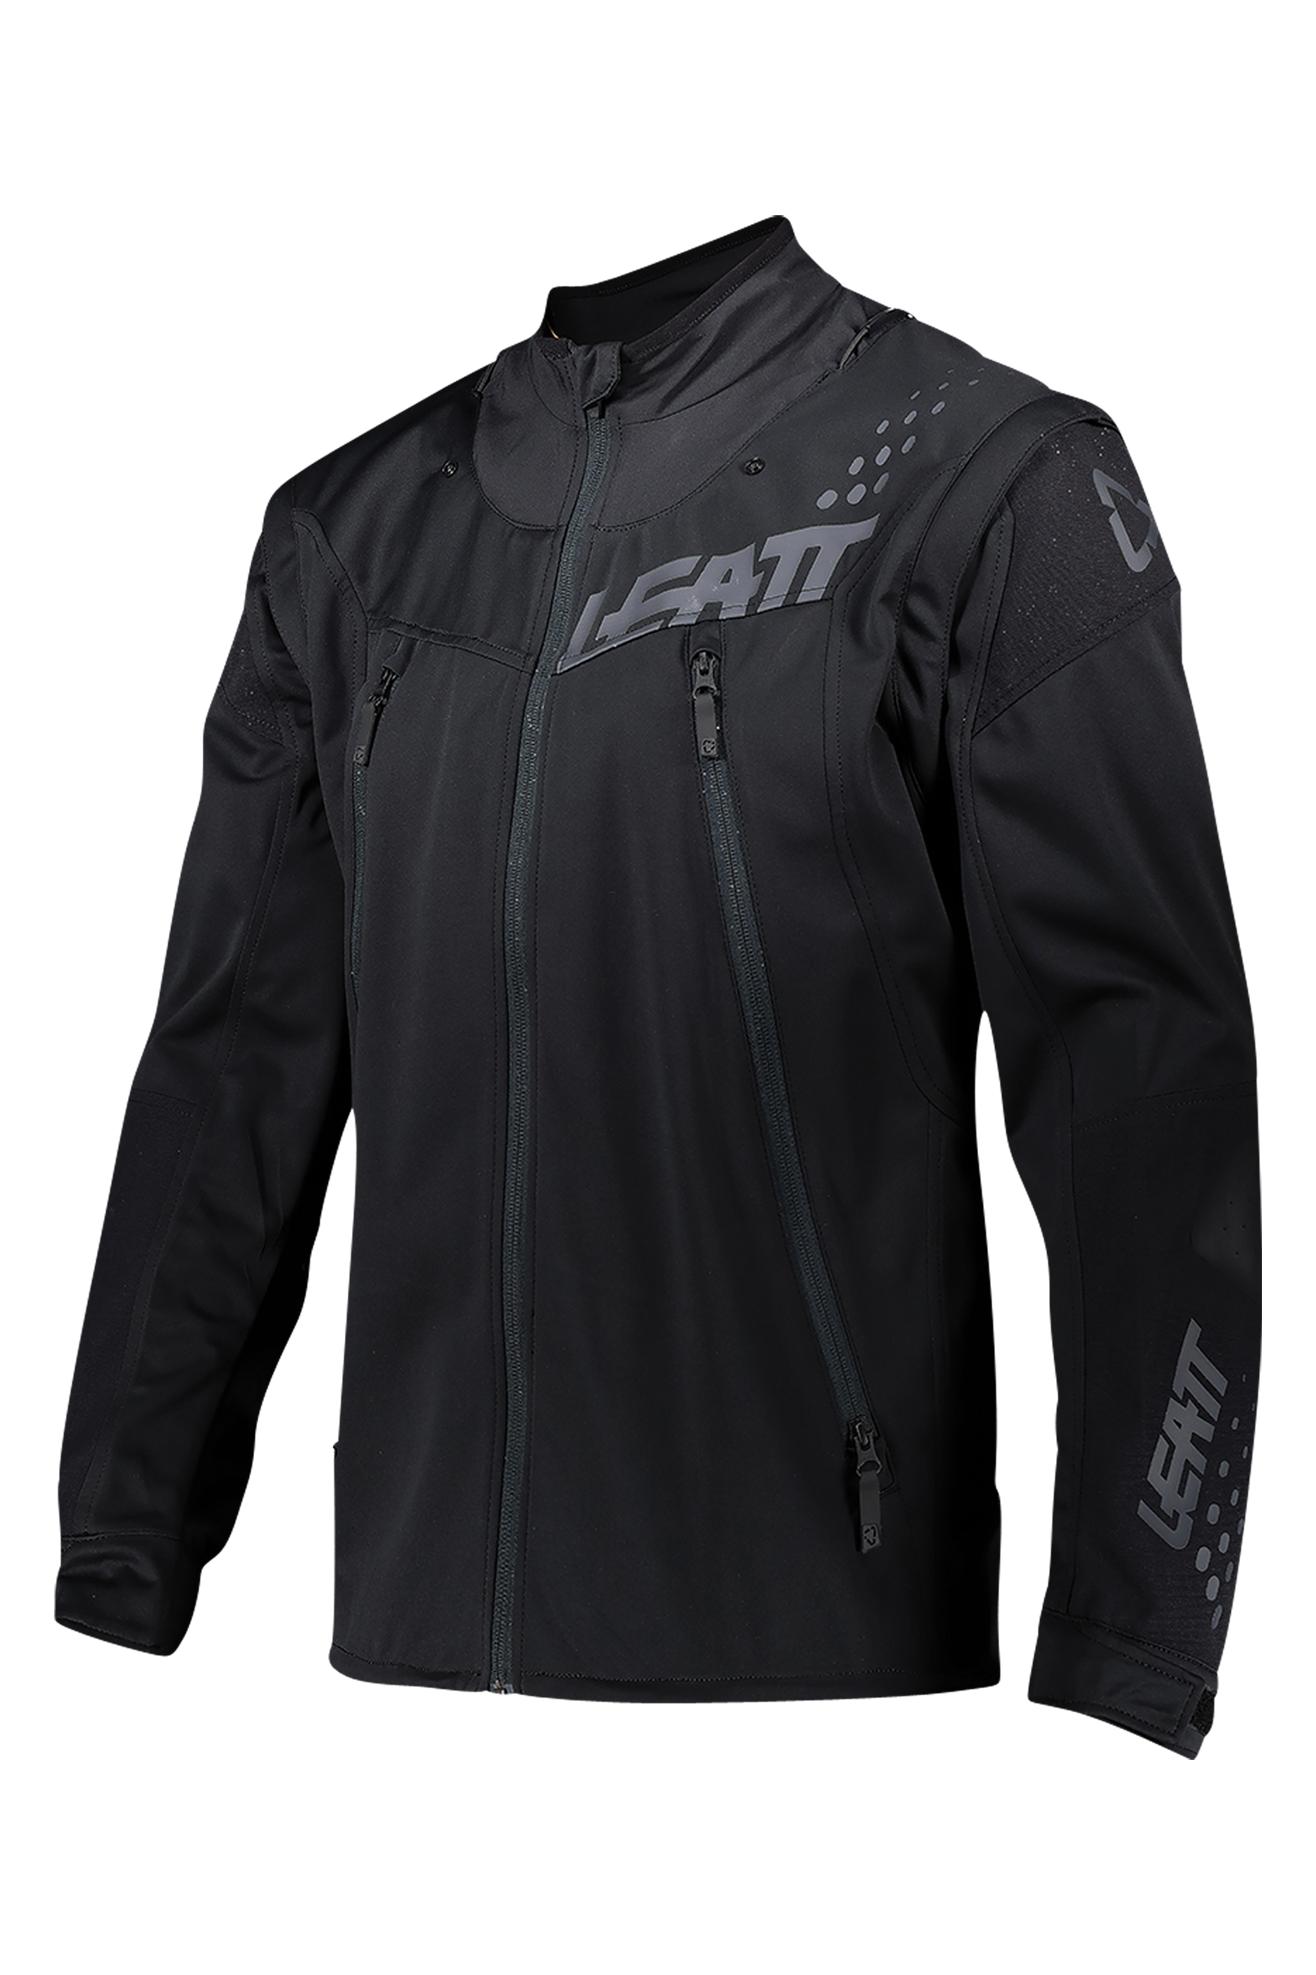 leatt giacca enduro  moto 4.5 lite nera